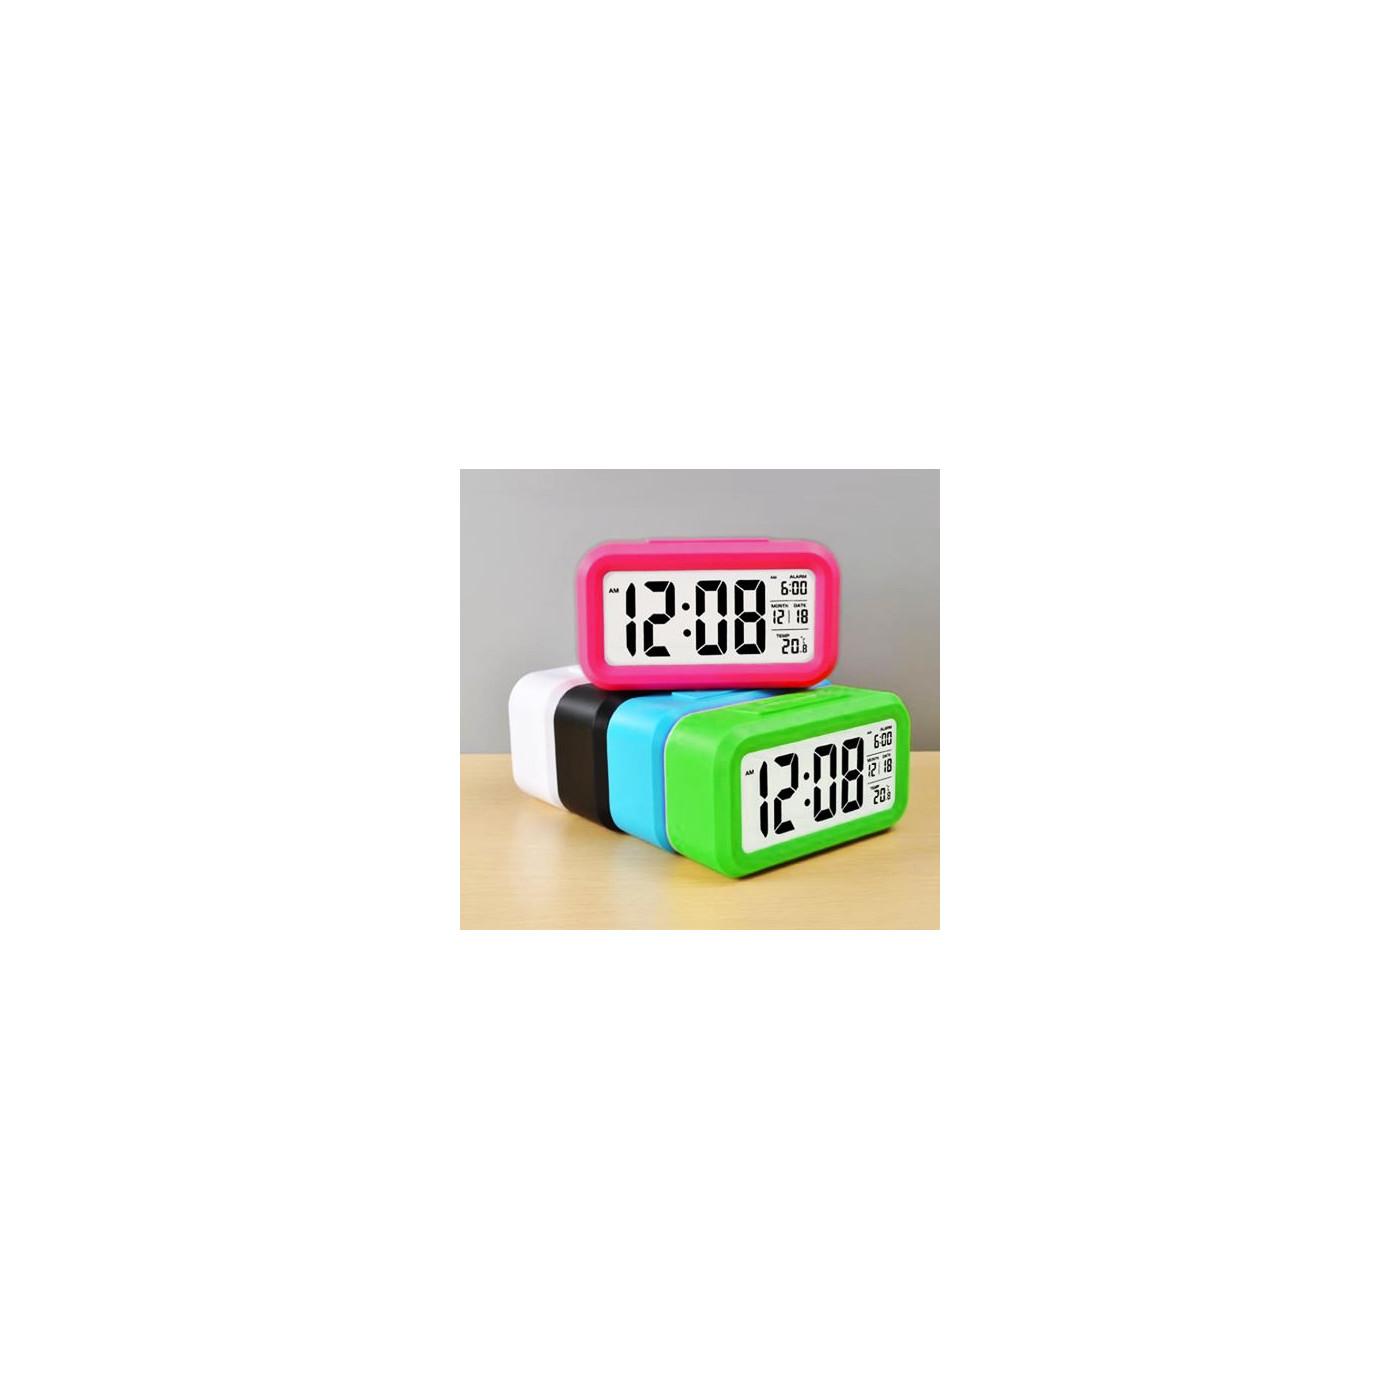 Horloge avec alarme dans une couleur joyeuse: noir